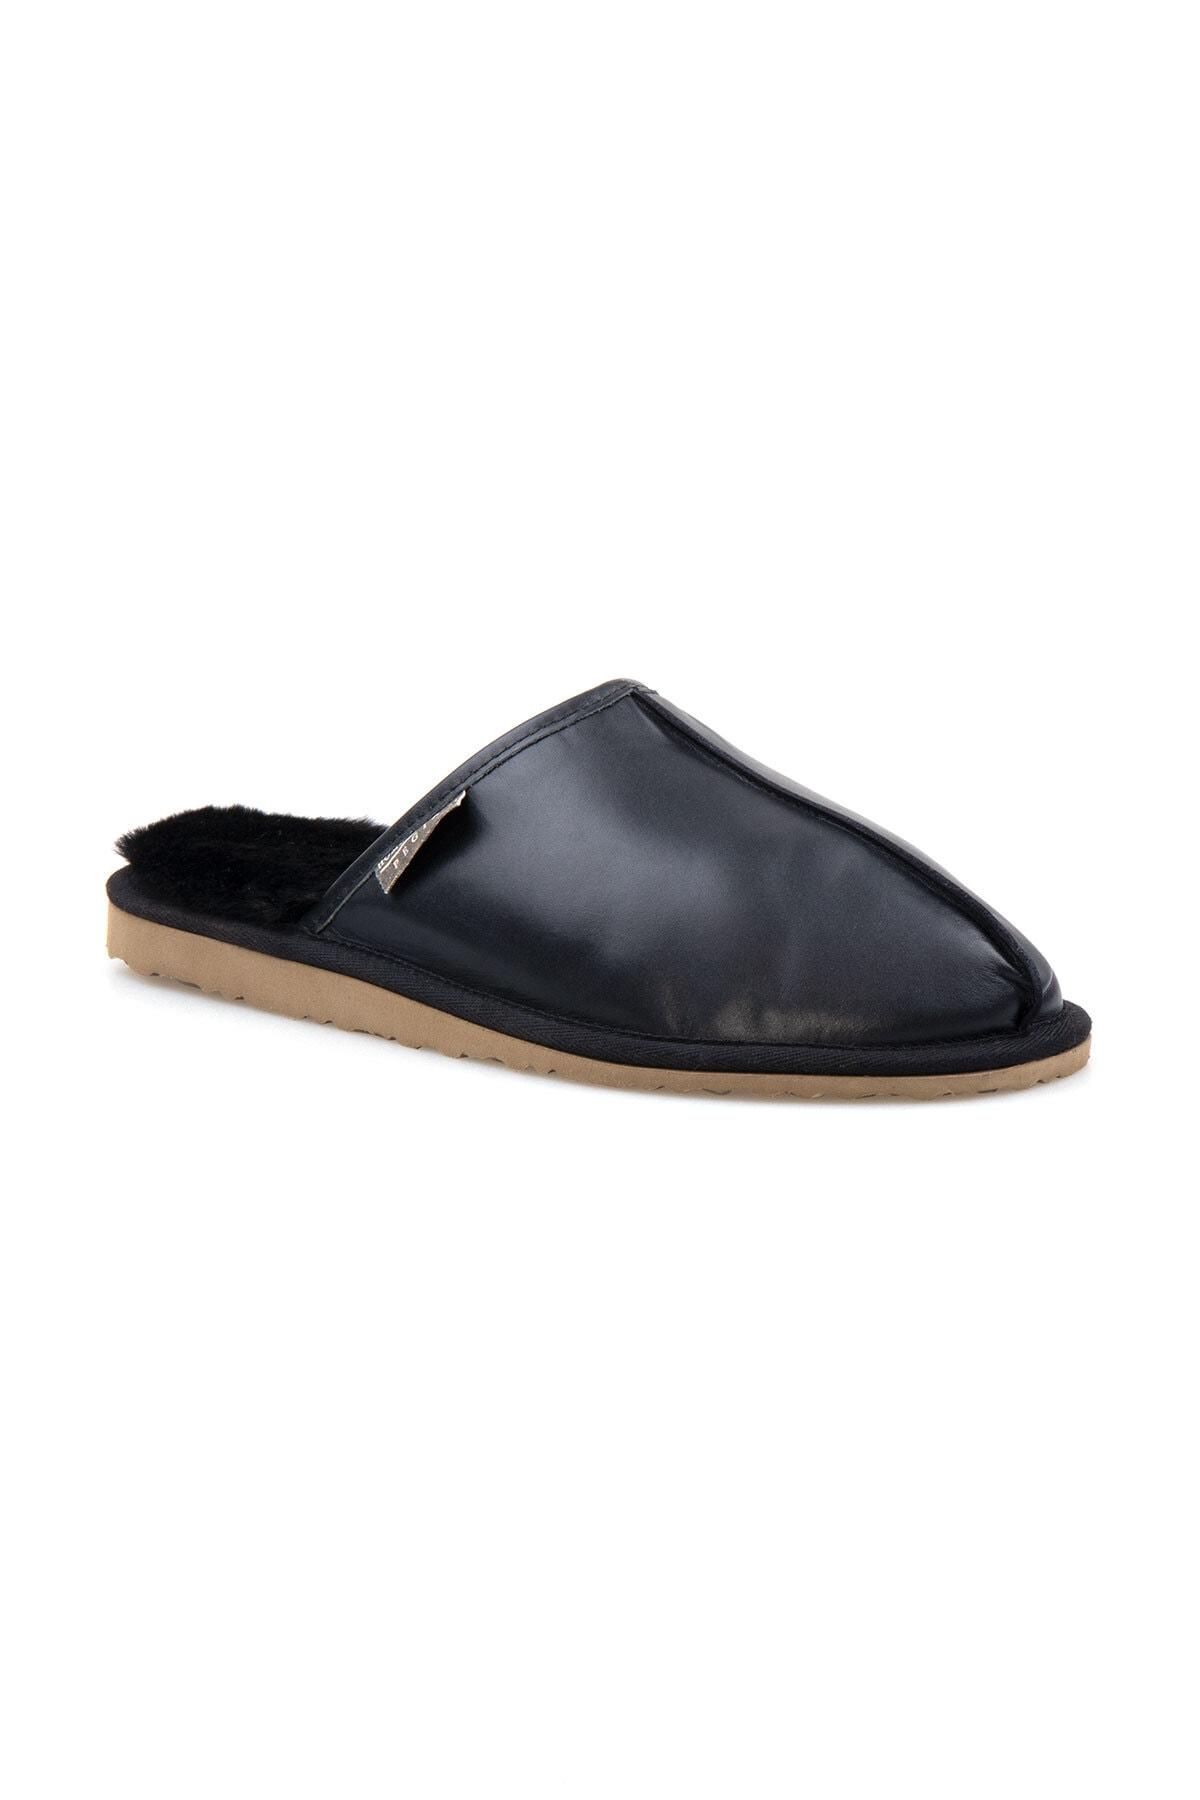 Pegia Erkek Siyah Deri Kürklü Ev Ayakkabısı 111012 1